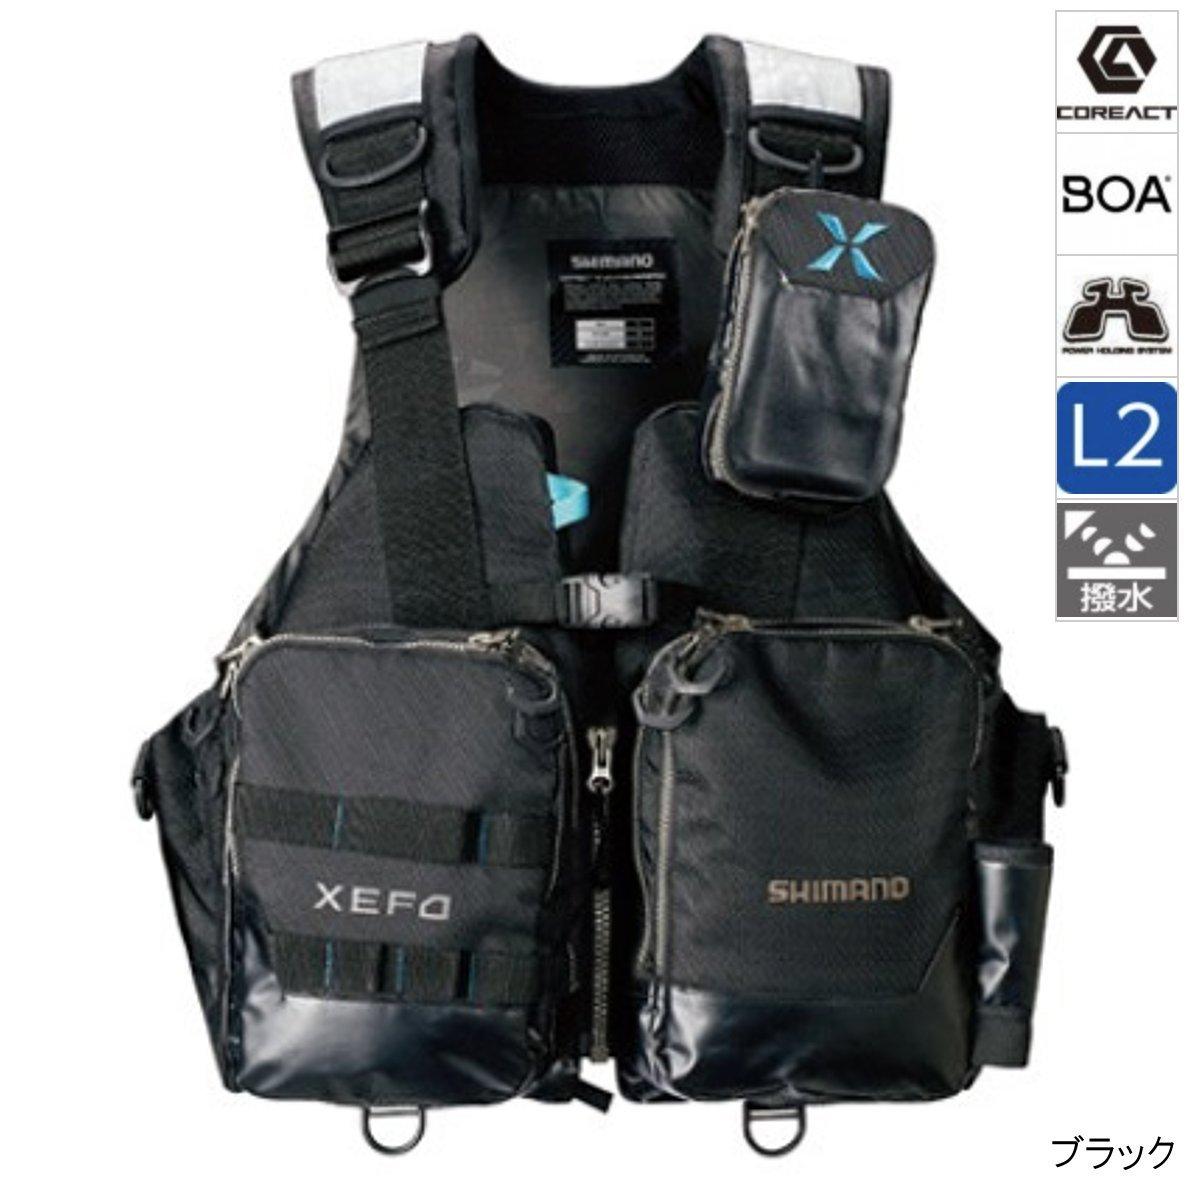 シマノ XEFO・アクトゲームベスト VF-274R M ブラック